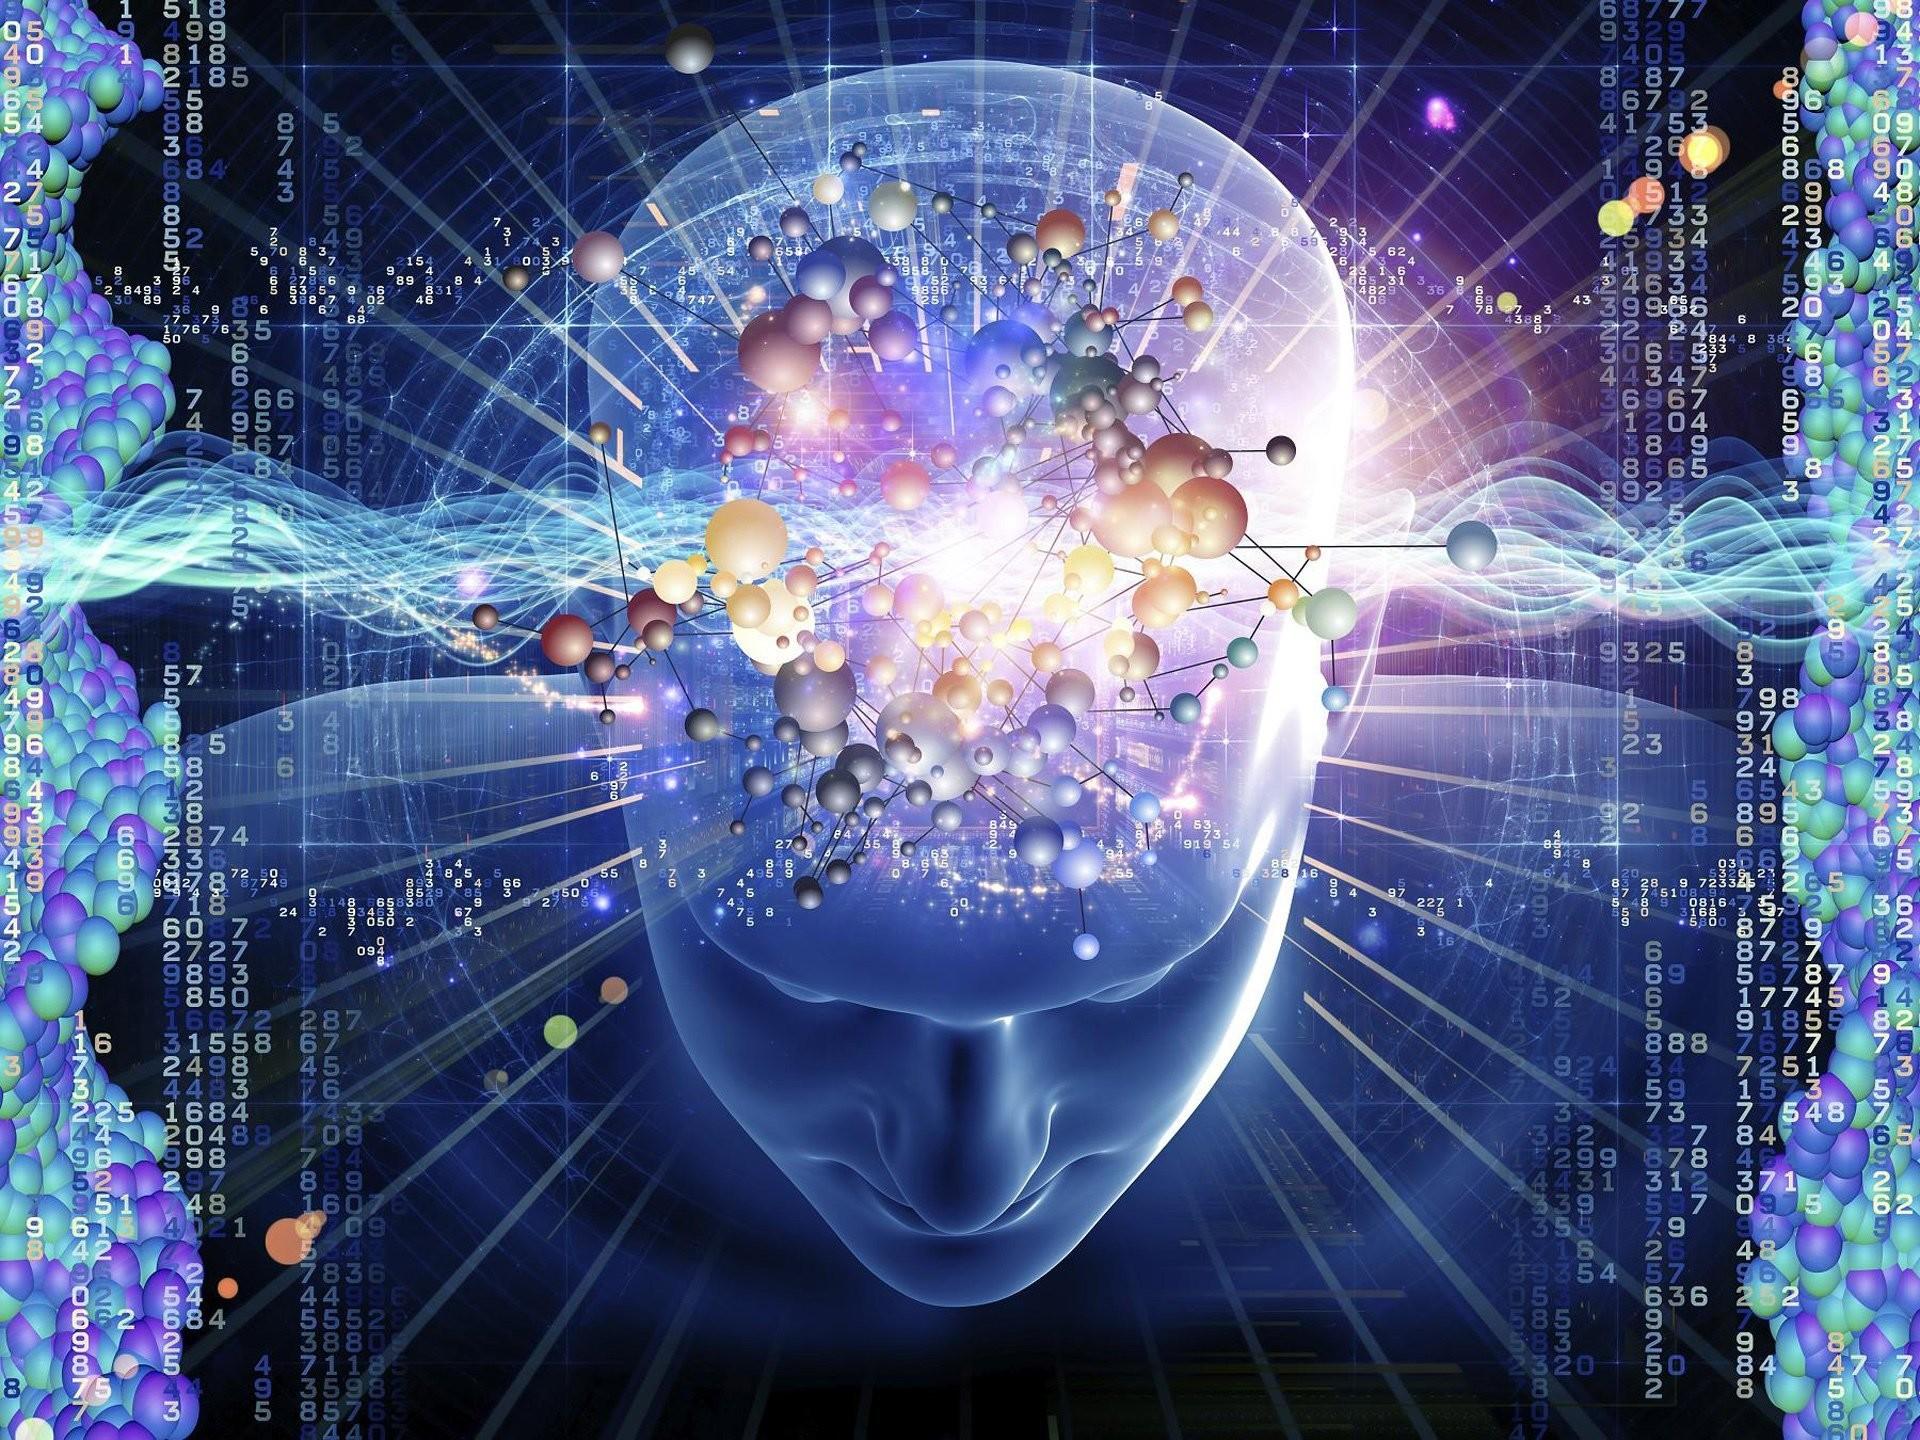 mind insight numbers brain matrix